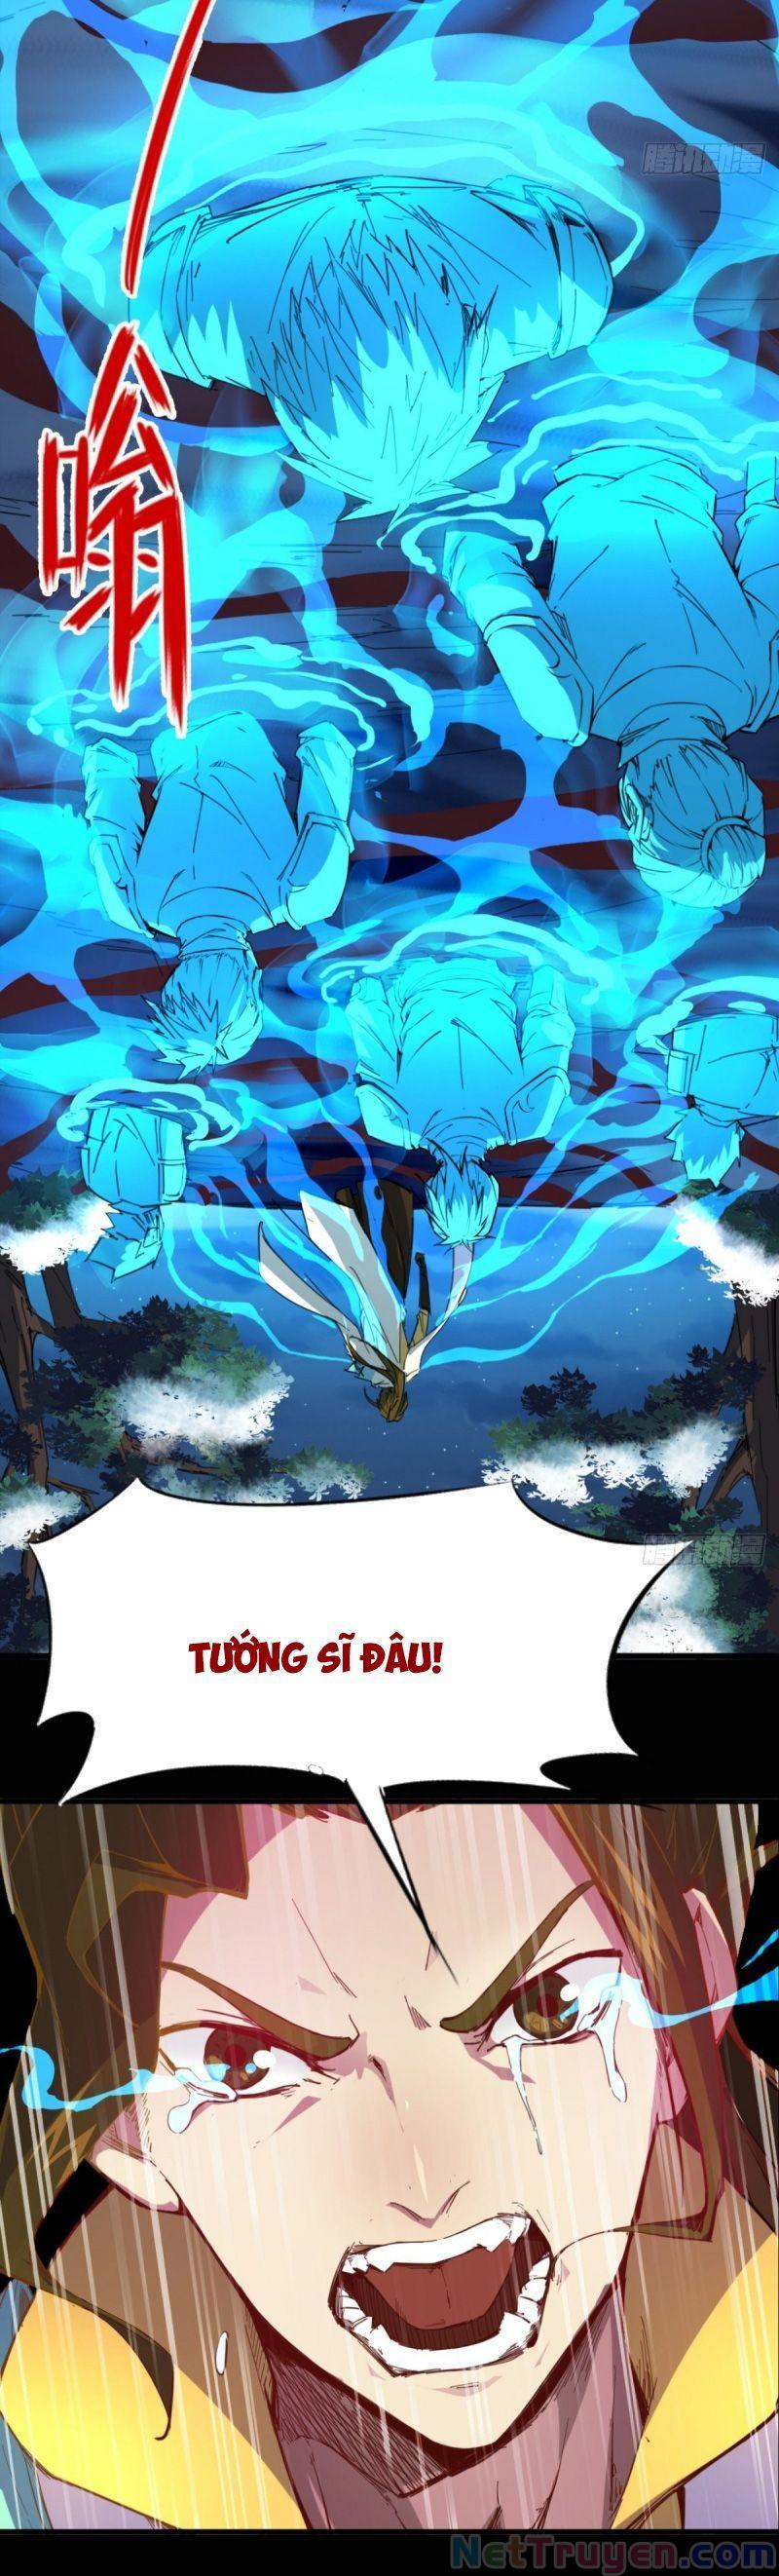 Thủ Vệ Nhất Thần  Chapter 0 - upload bởi truyensieuhay.com